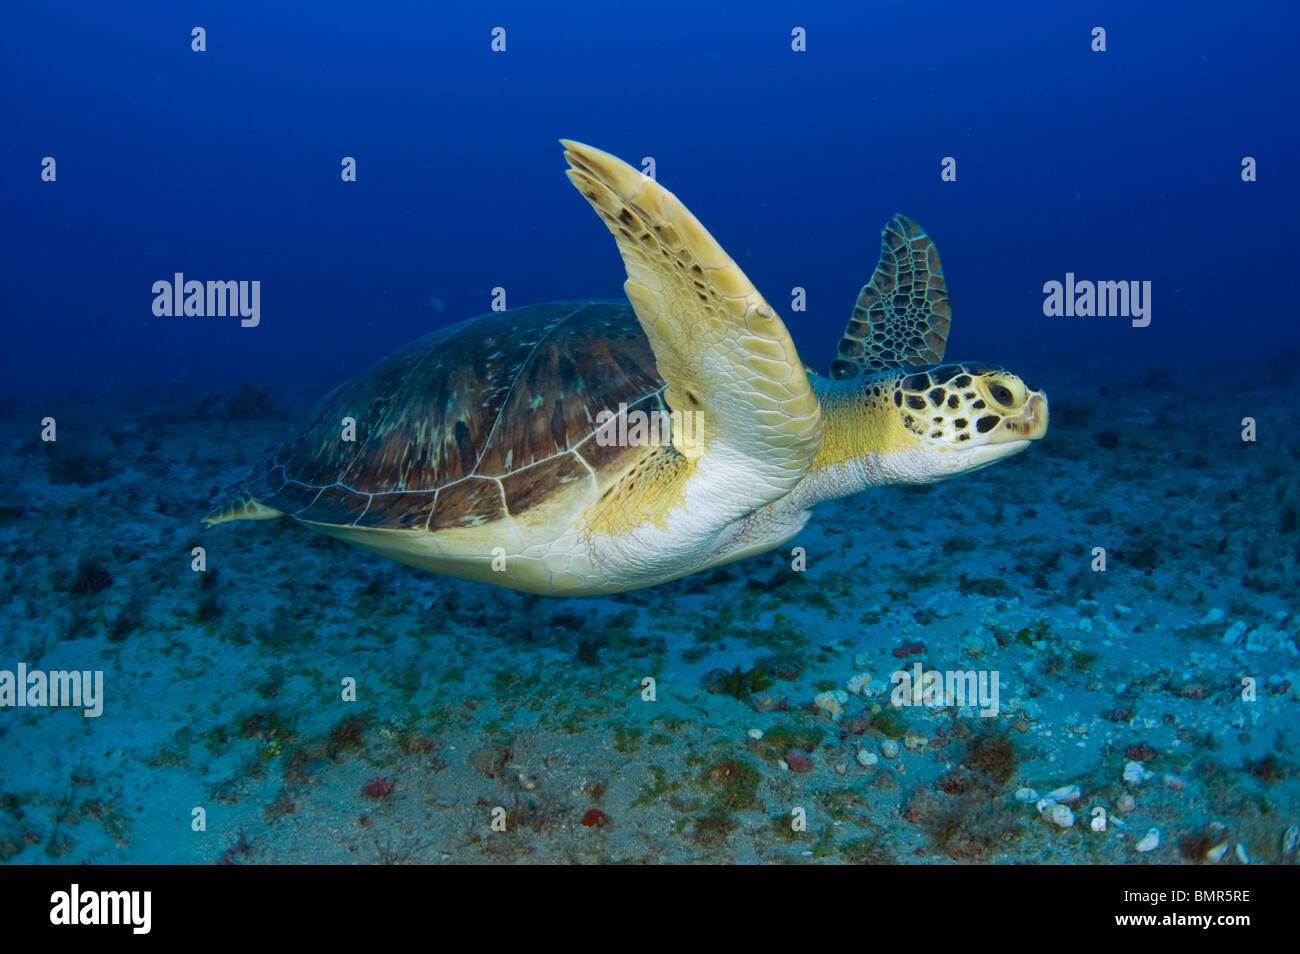 Hembra tortuga verde (Chelonia mydas) alimentándose de algas submarinas en Juno Beach, FL. Imagen De Stock